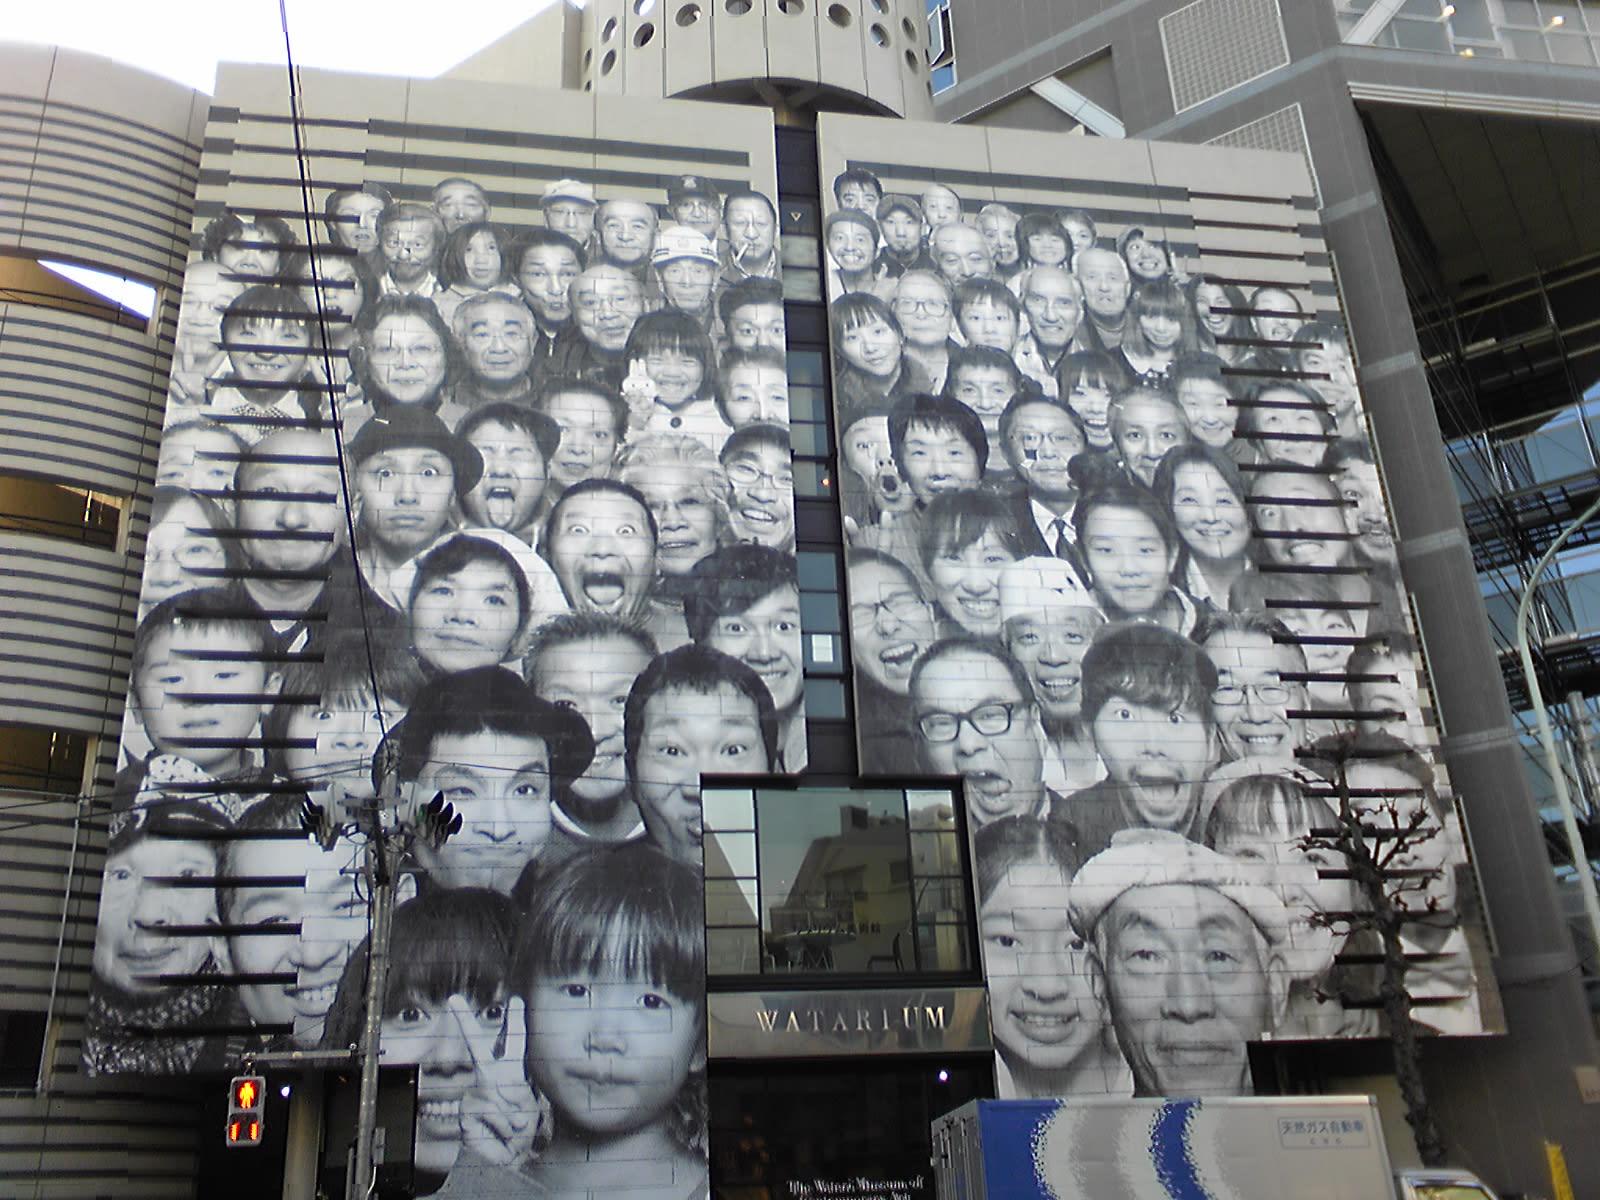 JR展 世界はアートで変わっていく - アートの周辺 around the art